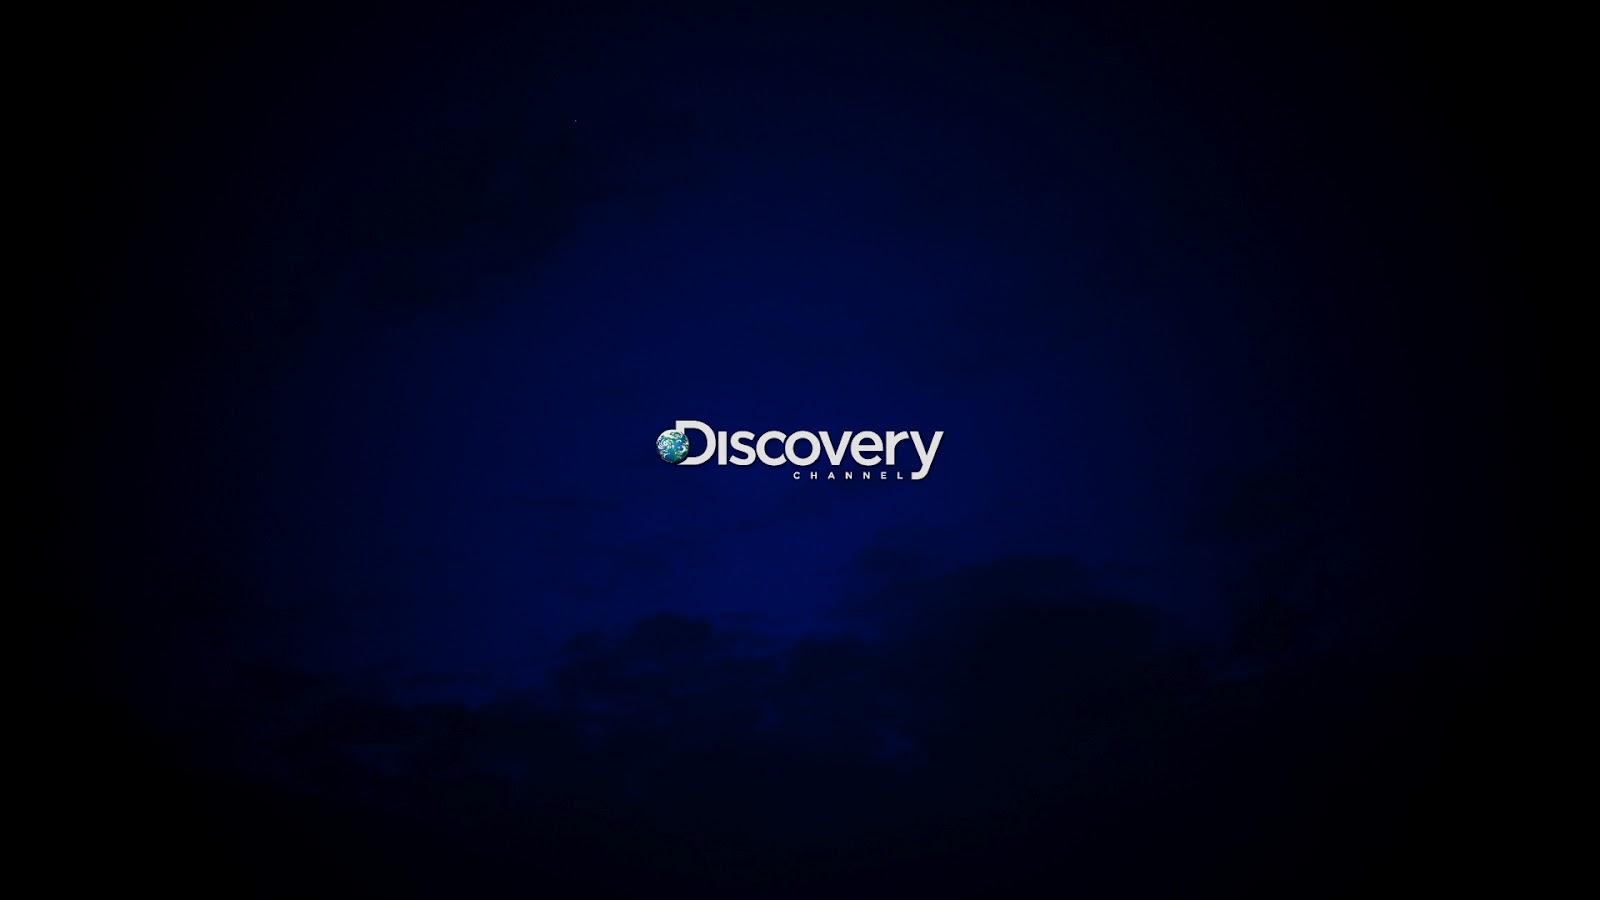 http://3.bp.blogspot.com/-rBCErYMQYWY/UDnEz-Sp_eI/AAAAAAAACU4/dvZfJ6Wfi0k/s1600/Wallpaper-Logo+-+%E1%BA%A2nh+%C4%90%E1%BA%B9p+Vi%E1%BB%87t+(1).jpg